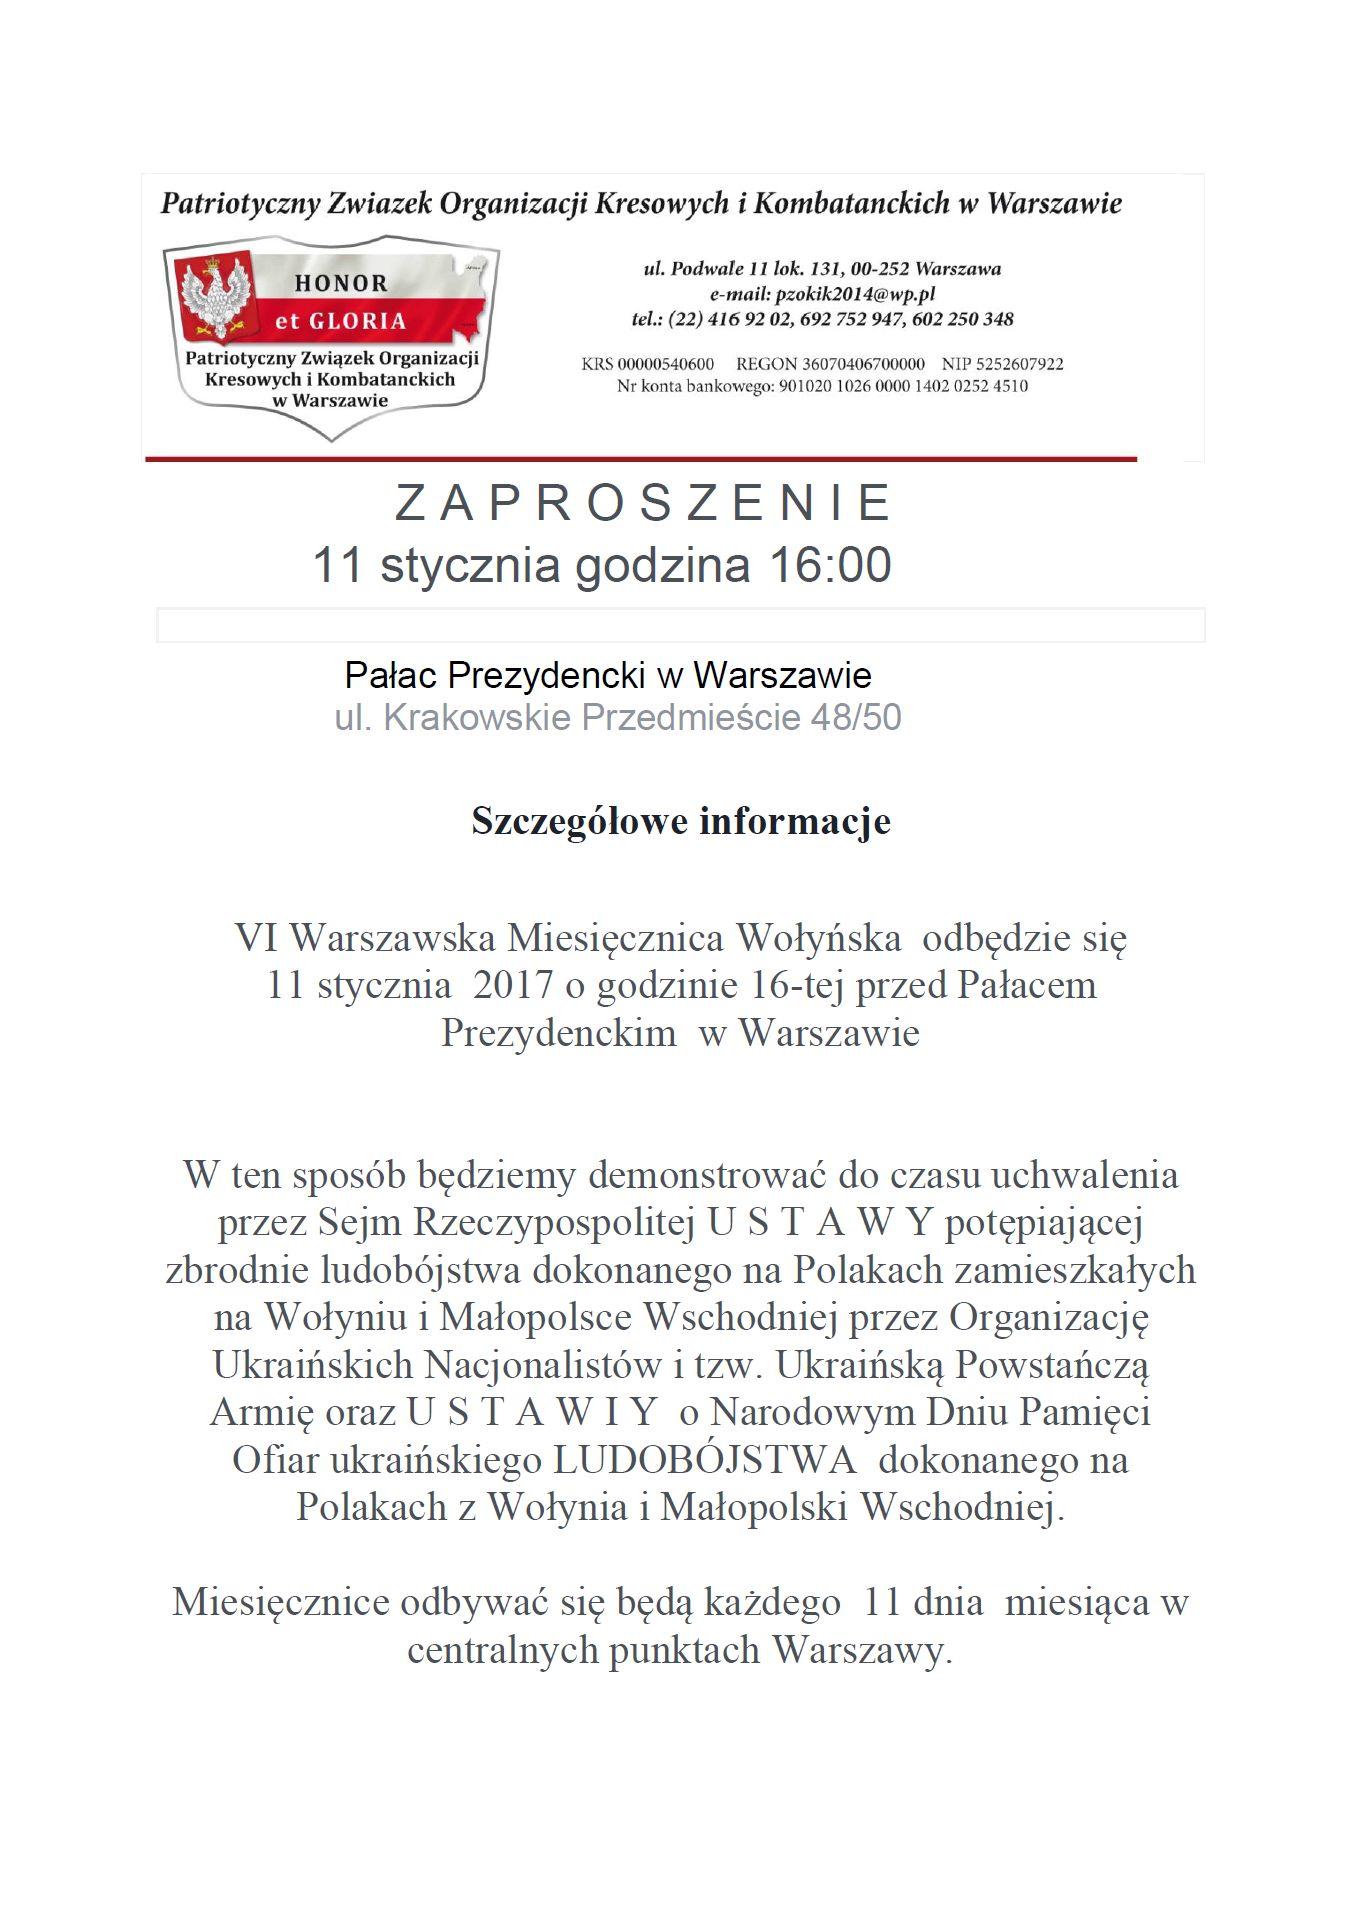 zaproszenie-pzokik-11-stycznia-warszawa_vi_1-pdf